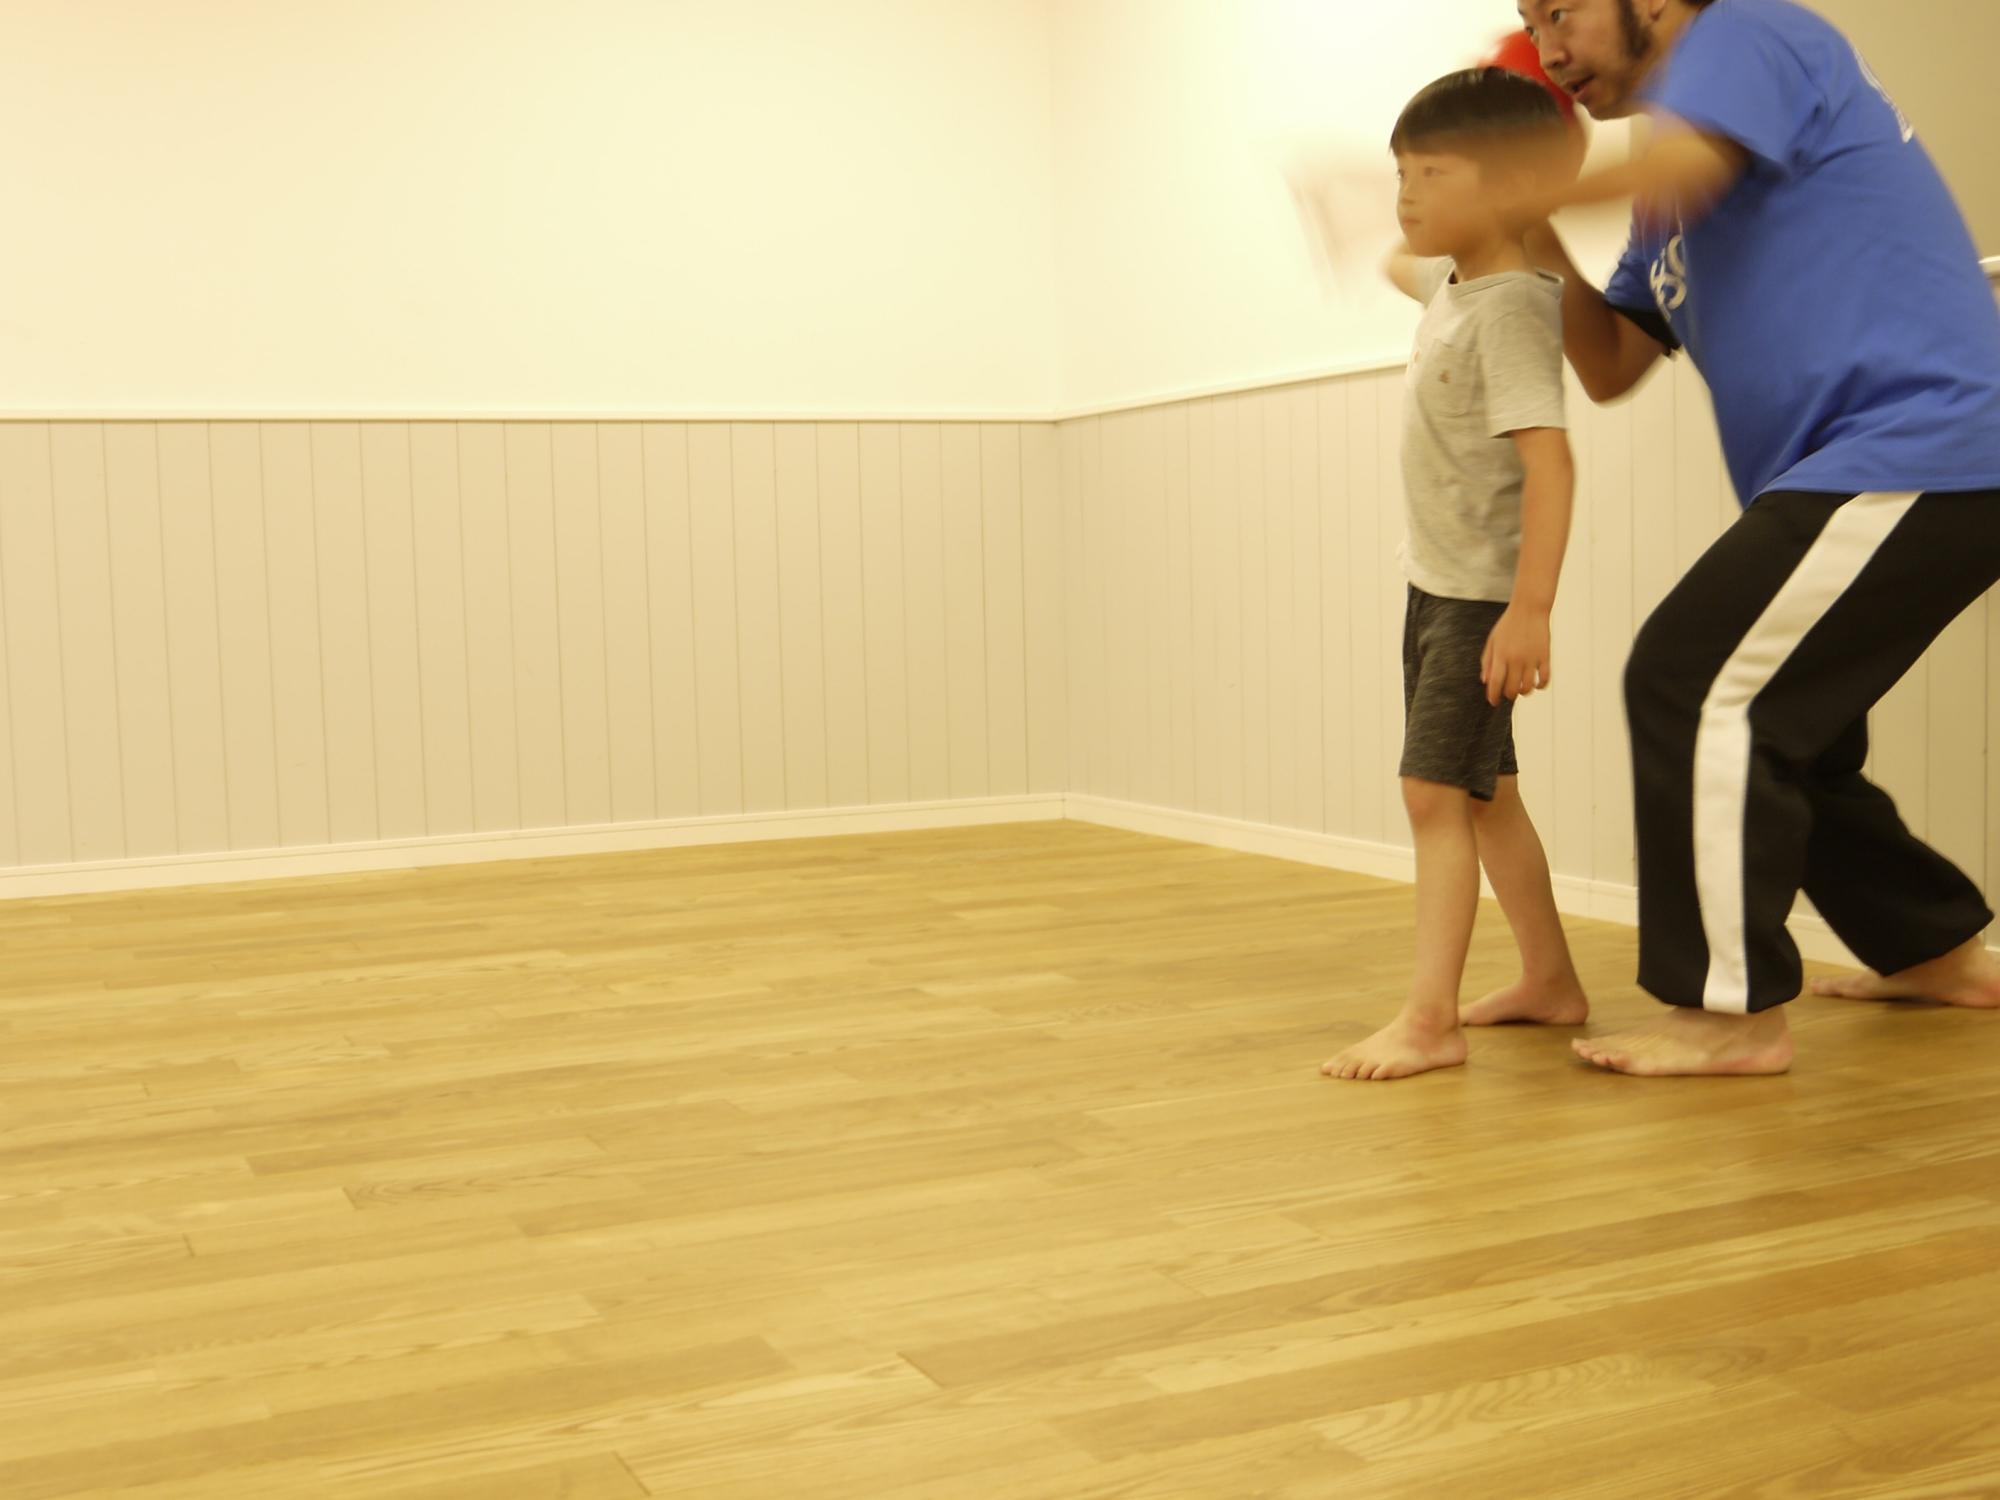 ボールの投げ方を教わる子ども